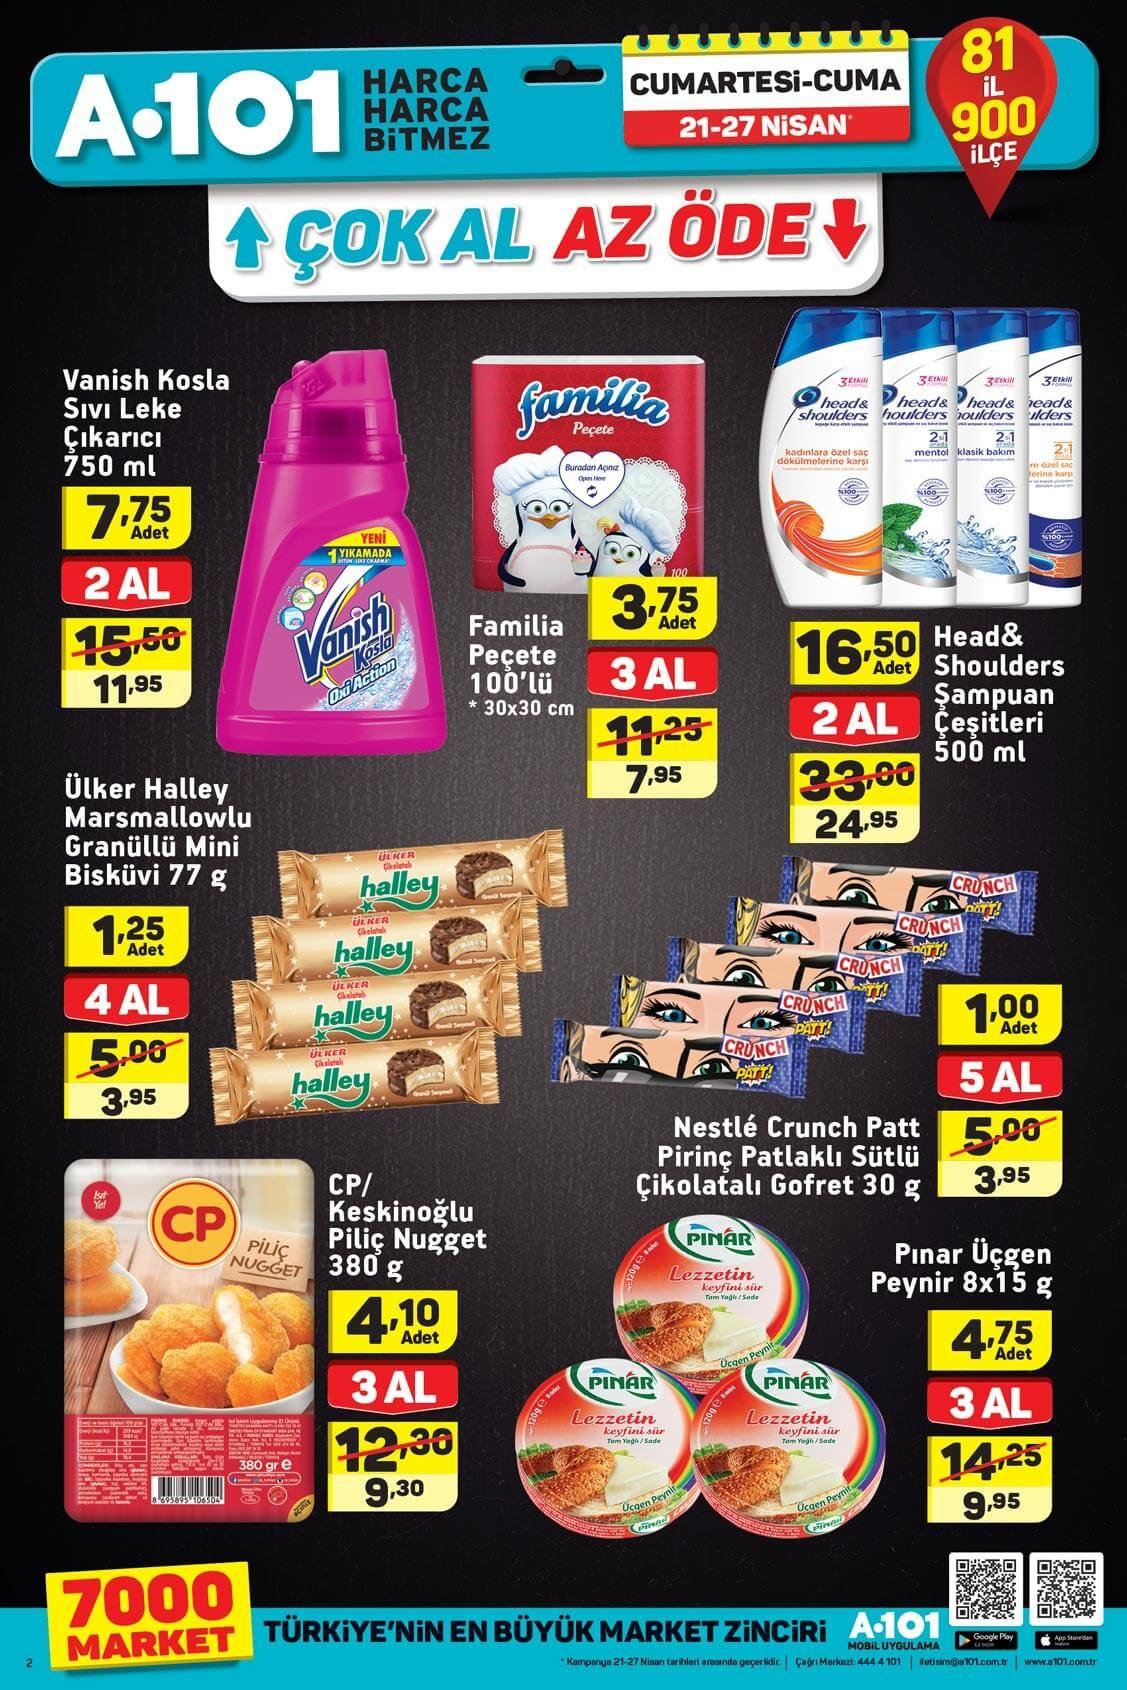 A101 21 Nisan 2018 Aktuel Urunler Katalogu Aktuel Yemekmutfak Marketing Mutfak Yemektarifleri Dekorasyonfikirleri Trend9 Yemek Tarifleri Nisan 27 Nisan